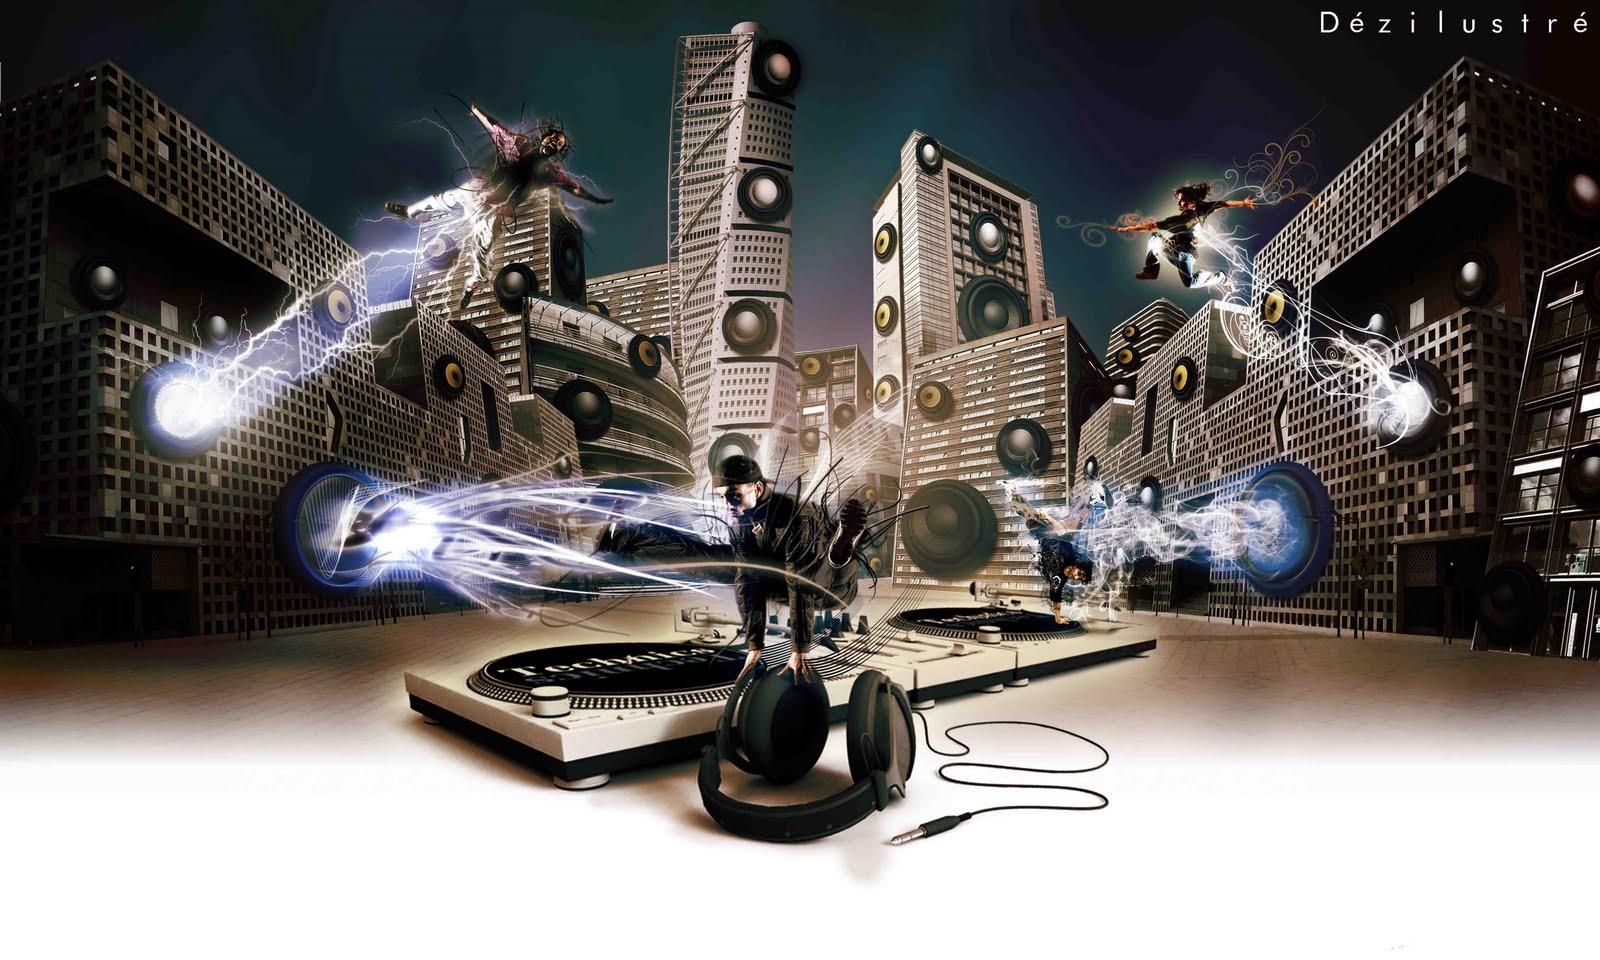 http://3.bp.blogspot.com/_bU_4T1FKKIU/THEV7slli4I/AAAAAAAAACs/C6QuiYCSnuQ/s1600/hip+hop+ville+sono+JS+int.jpg